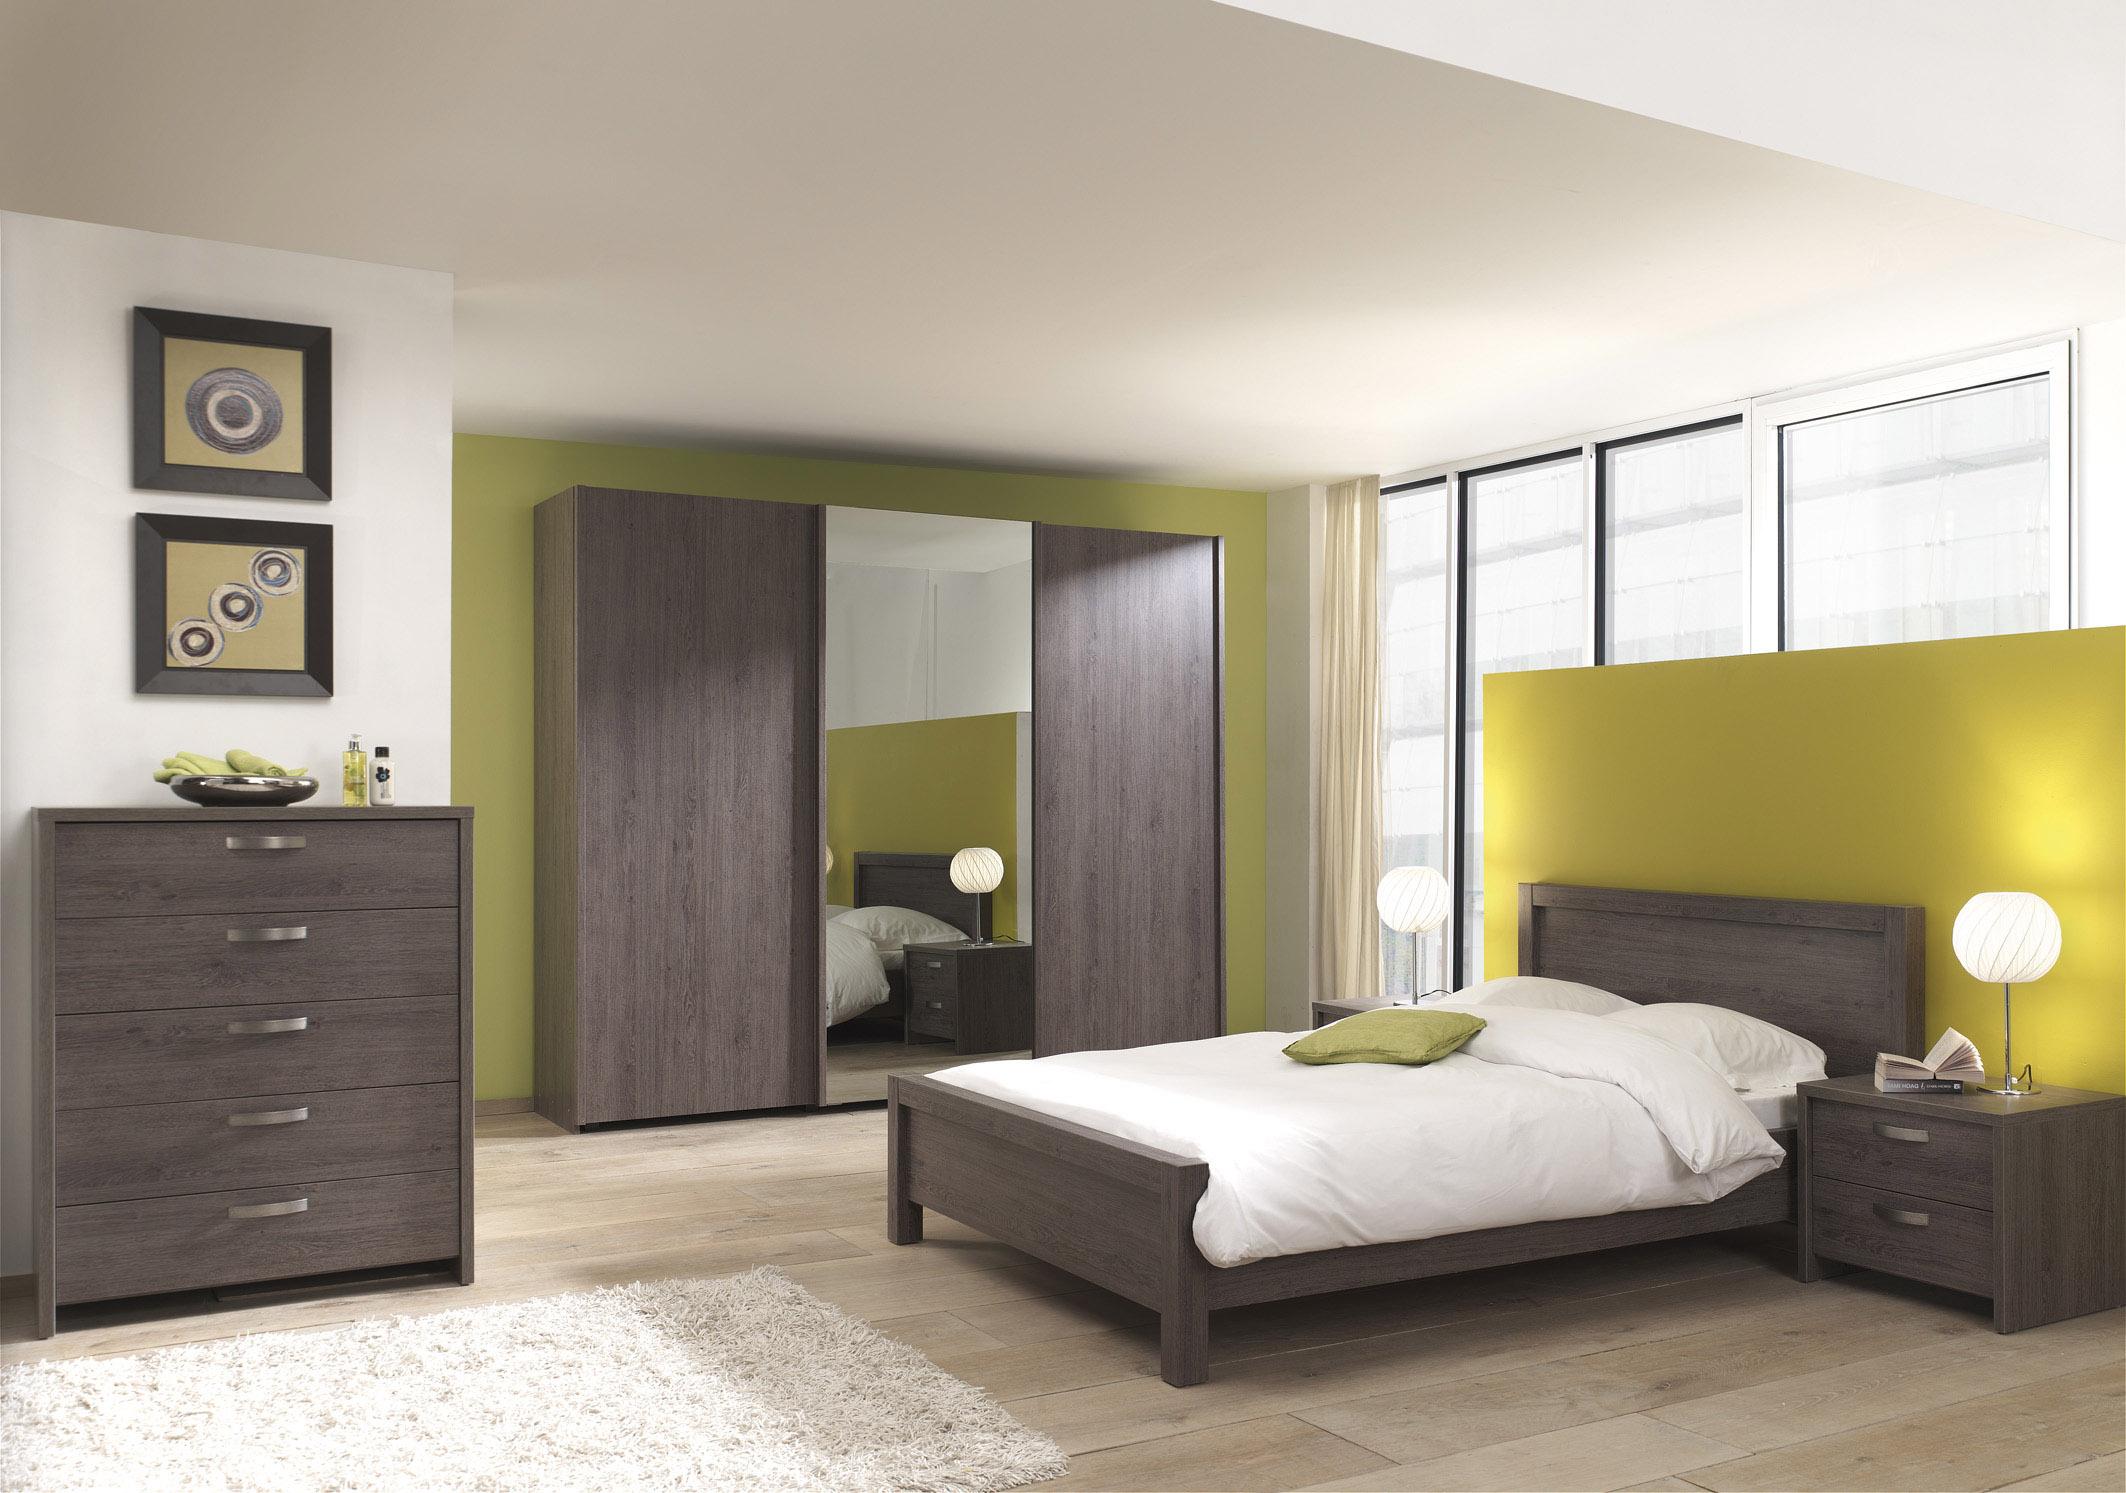 Slaapkamer amy meubelen voor thuis salons eetkamers for Chambre a coucher adulte ikea